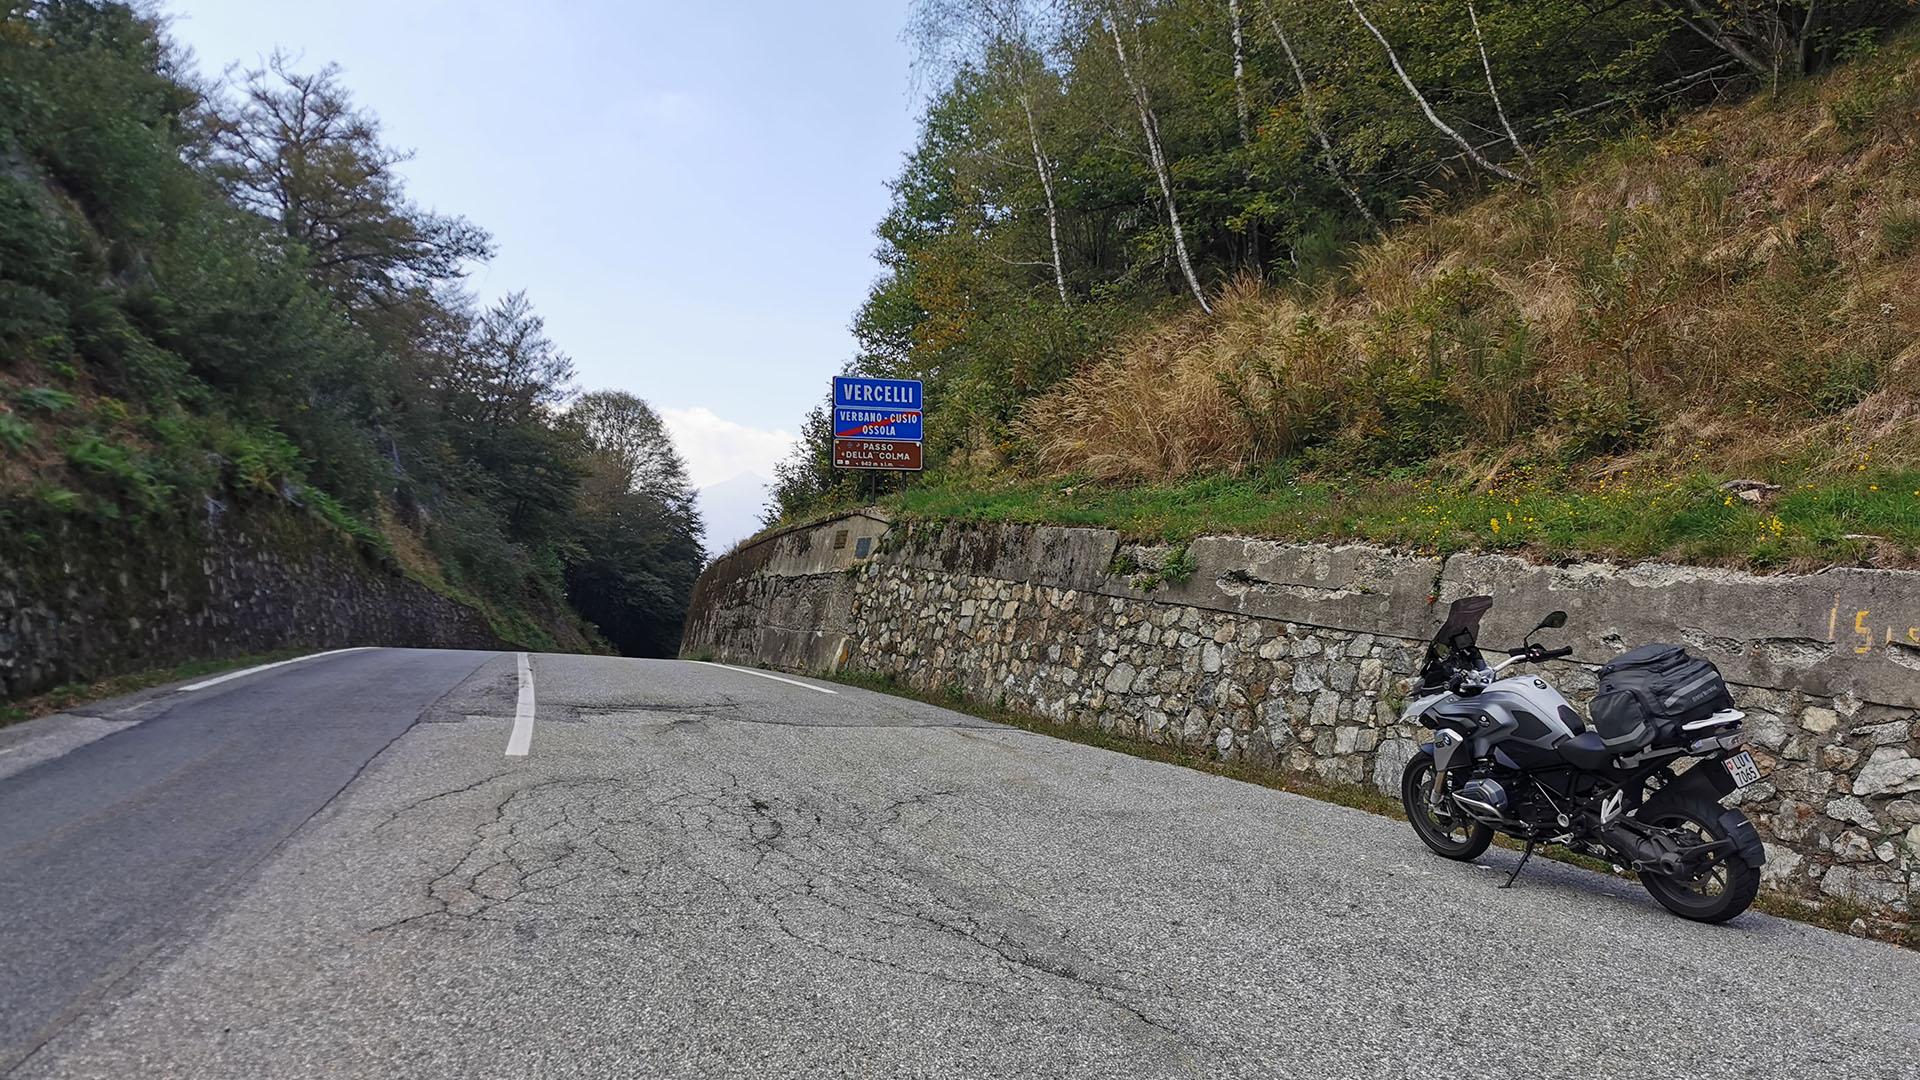 0942 - I - Passo della Colma